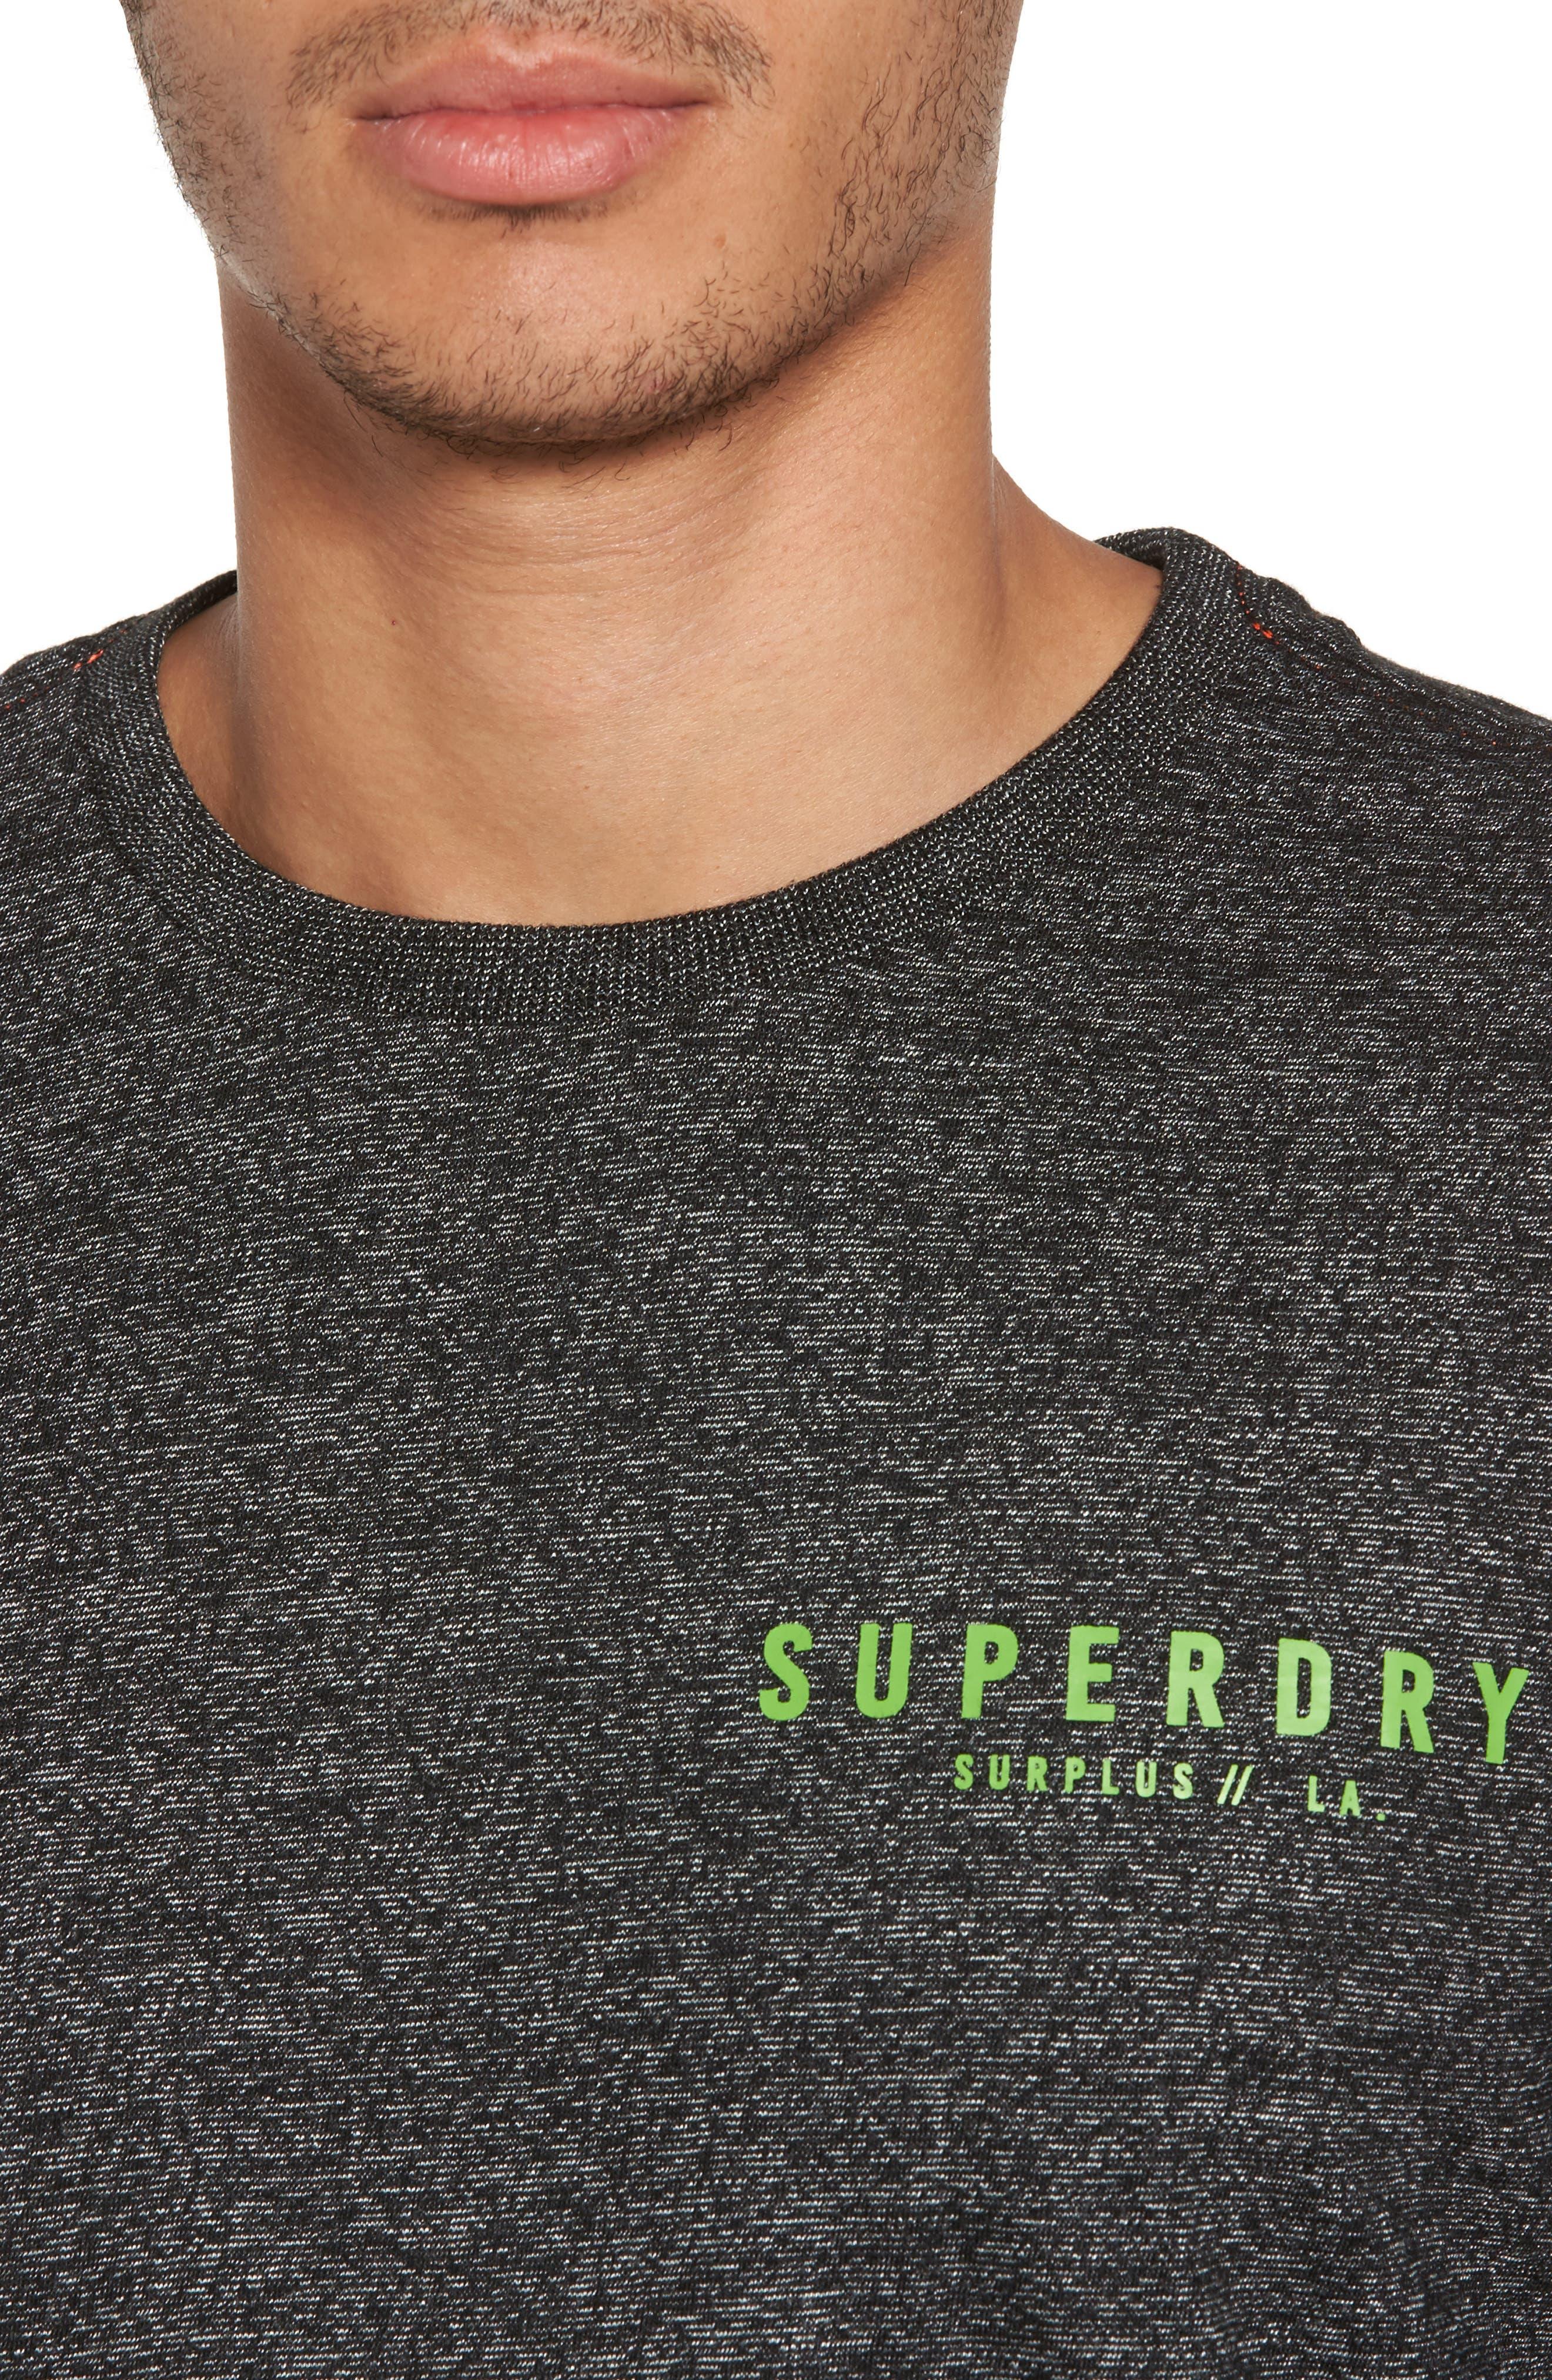 Surplus Goods T-Shirt,                             Alternate thumbnail 4, color,                             020